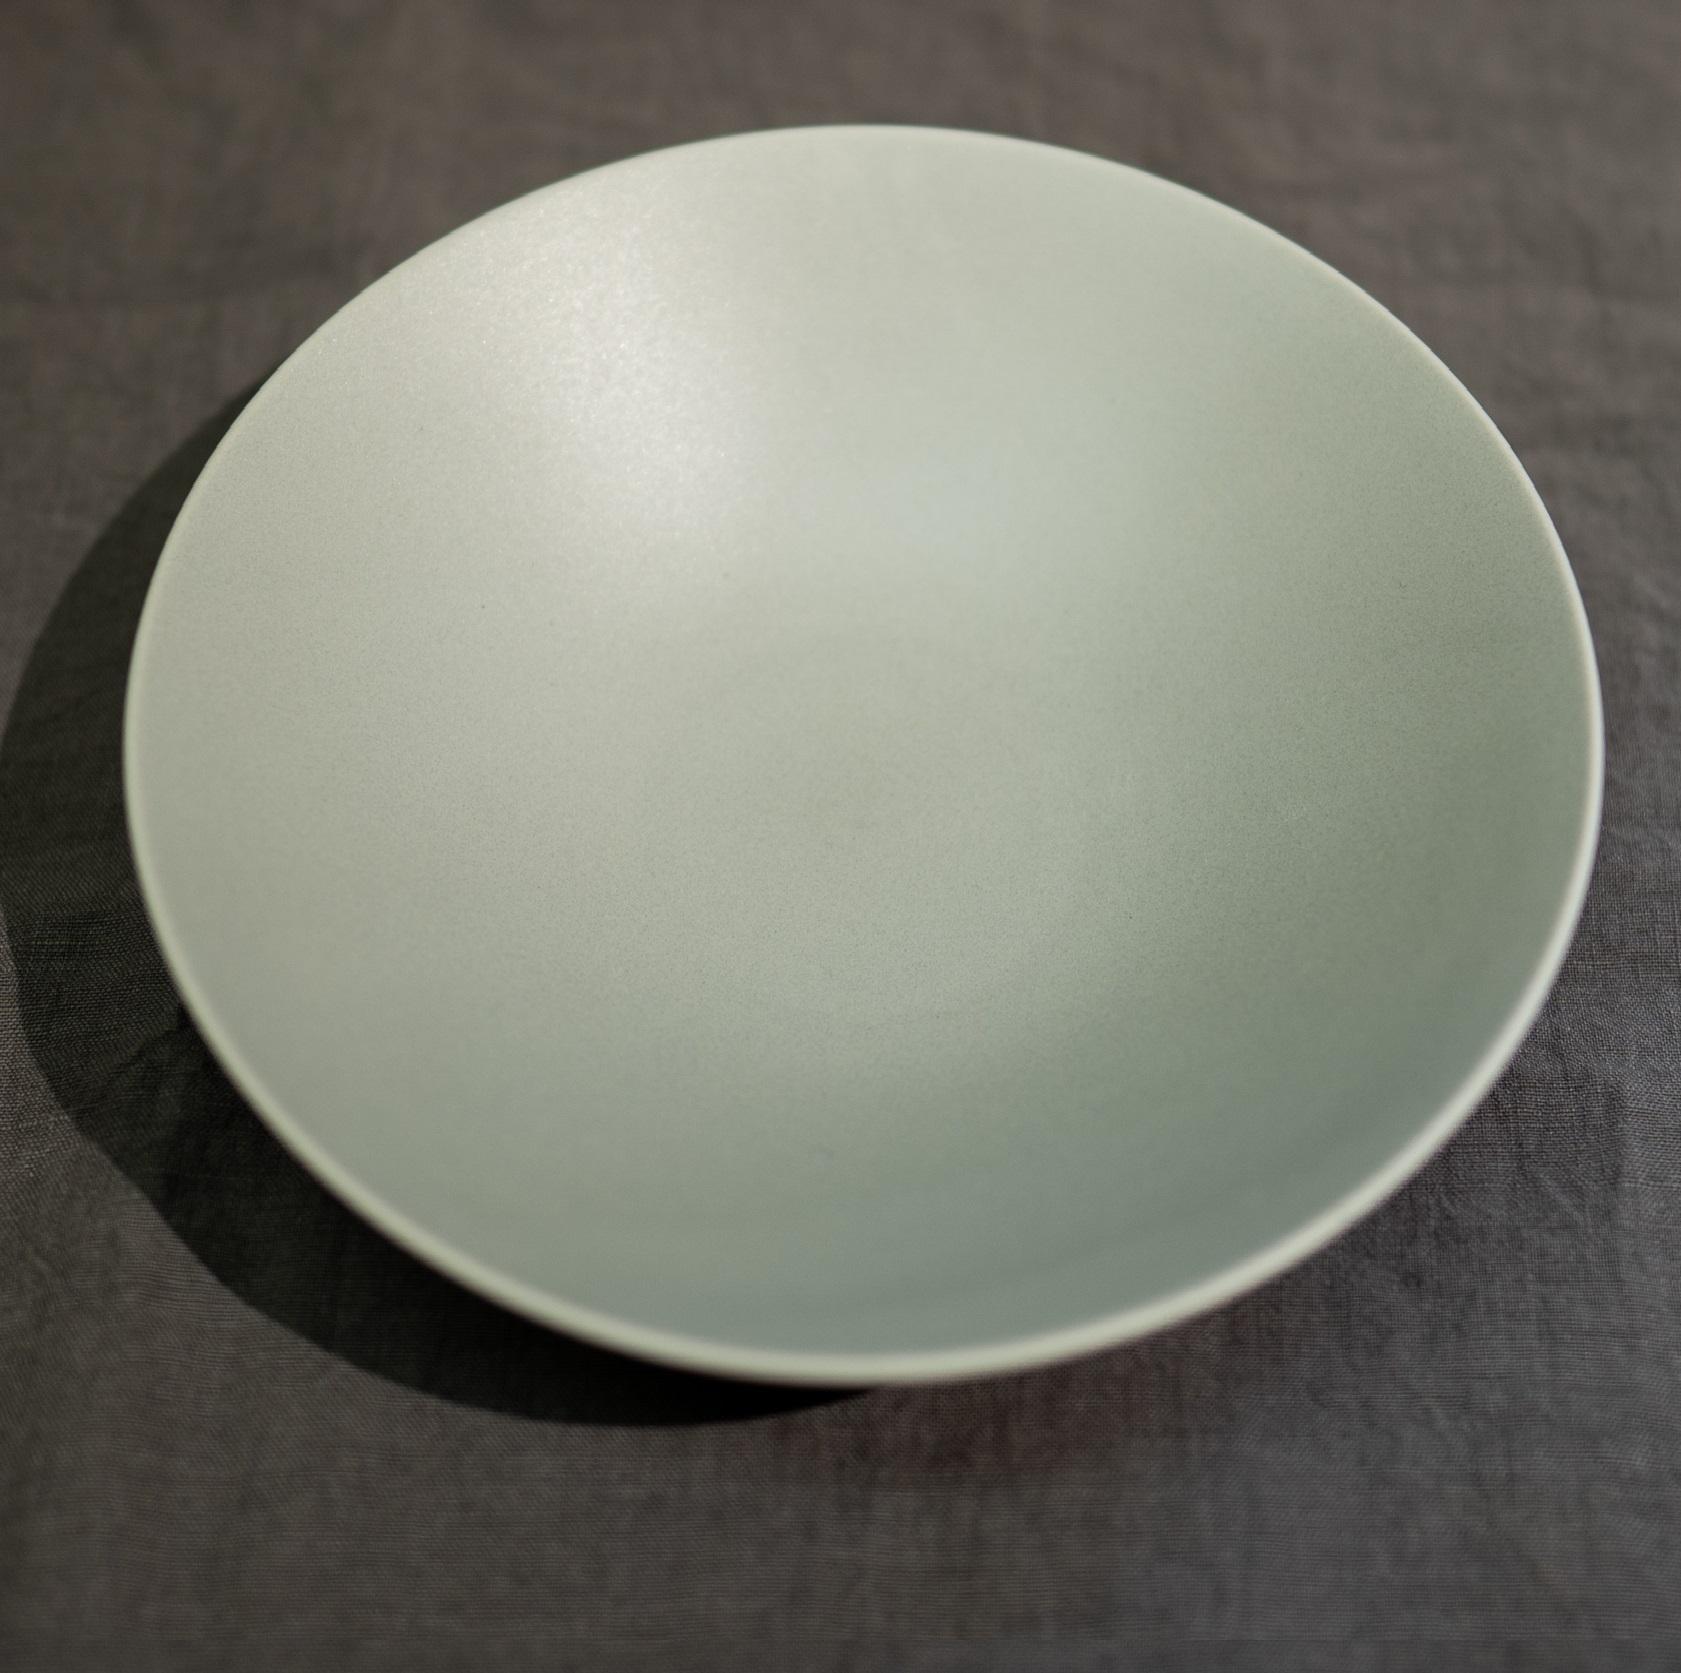 Stoneプレート クープ皿 (リッチグレー・リッチホワイト) 26㎝